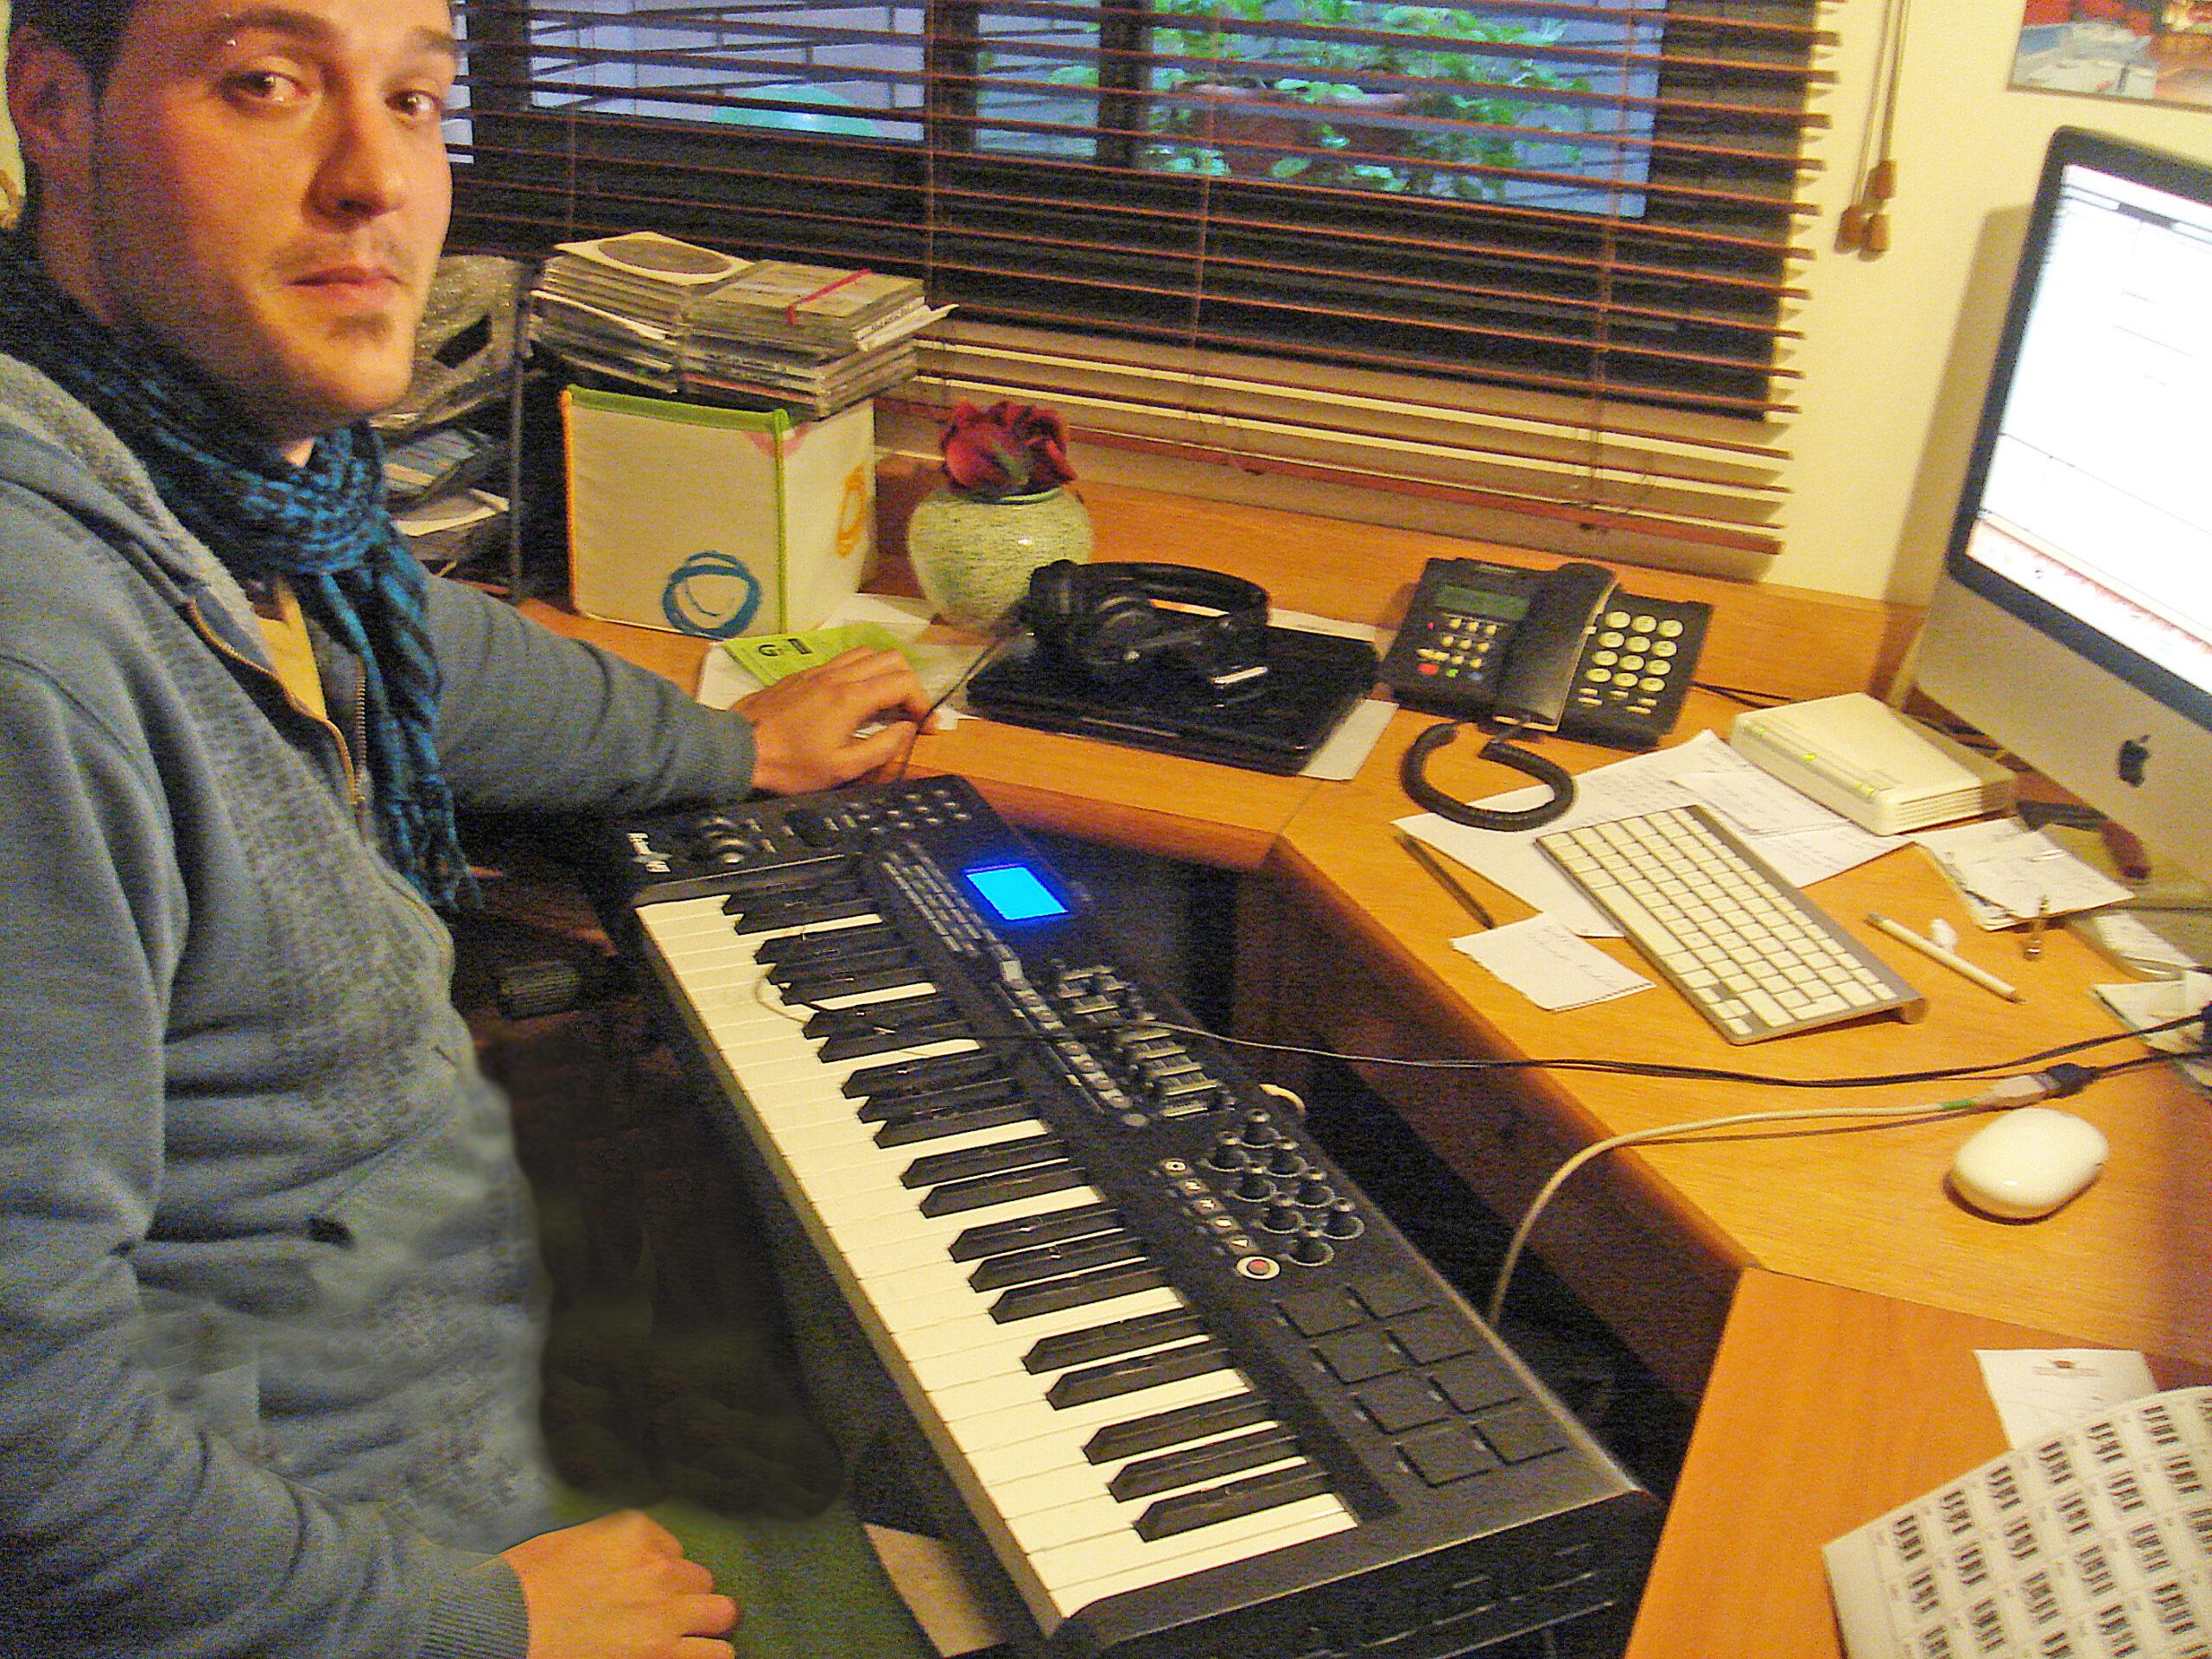 ivan jimenez en sus inicios en la producción musical en casa